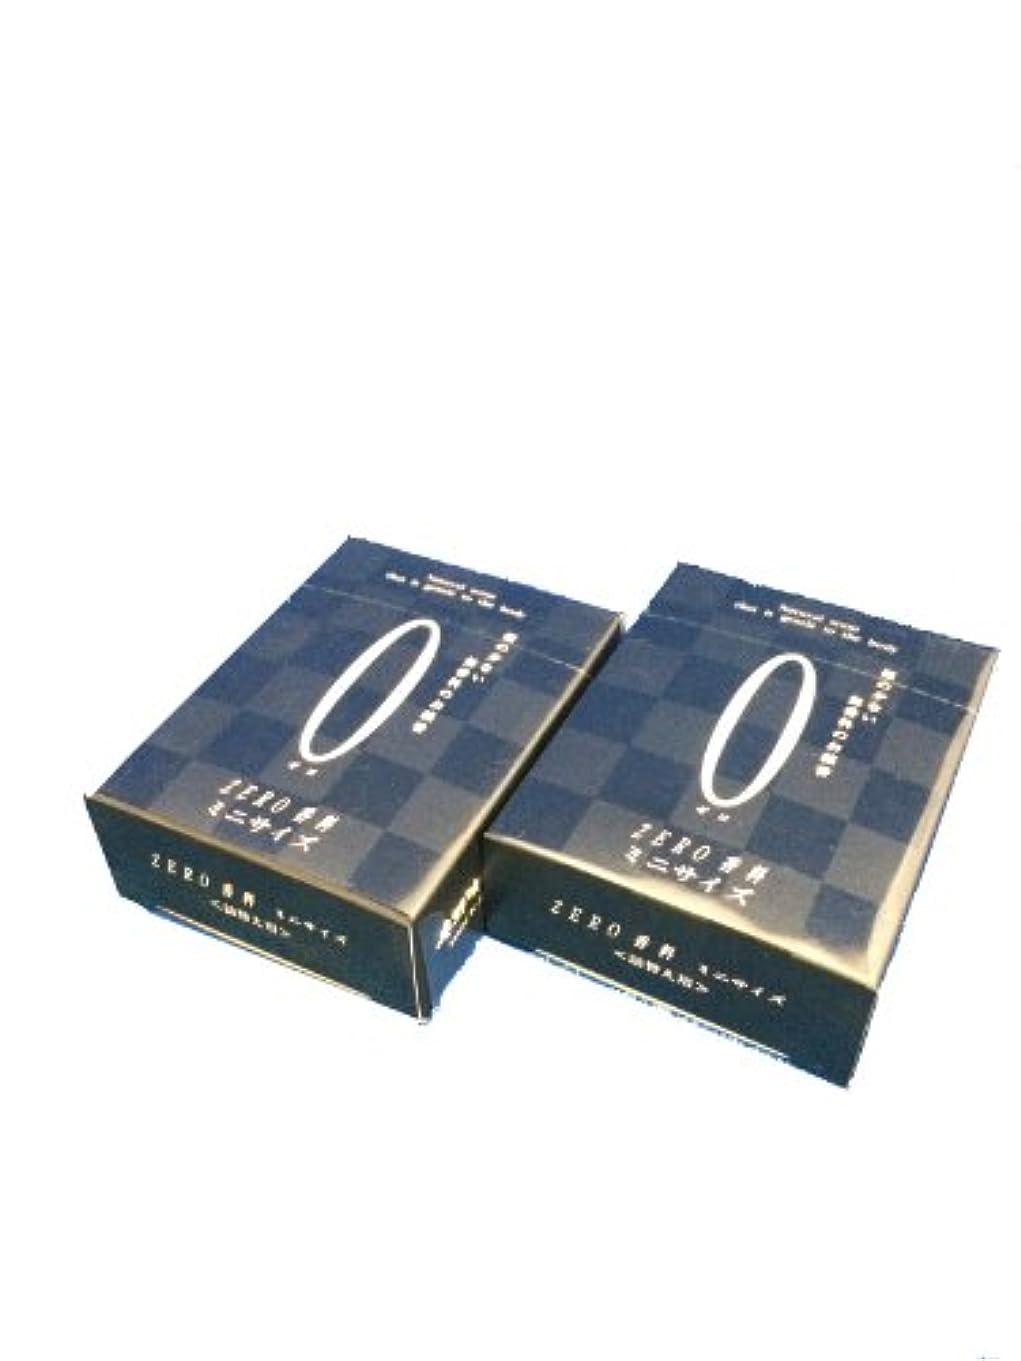 借りている達成ルートZERO ゼロ香料 詰め替え用 2個セット ミニ寸 サイズ 約60g